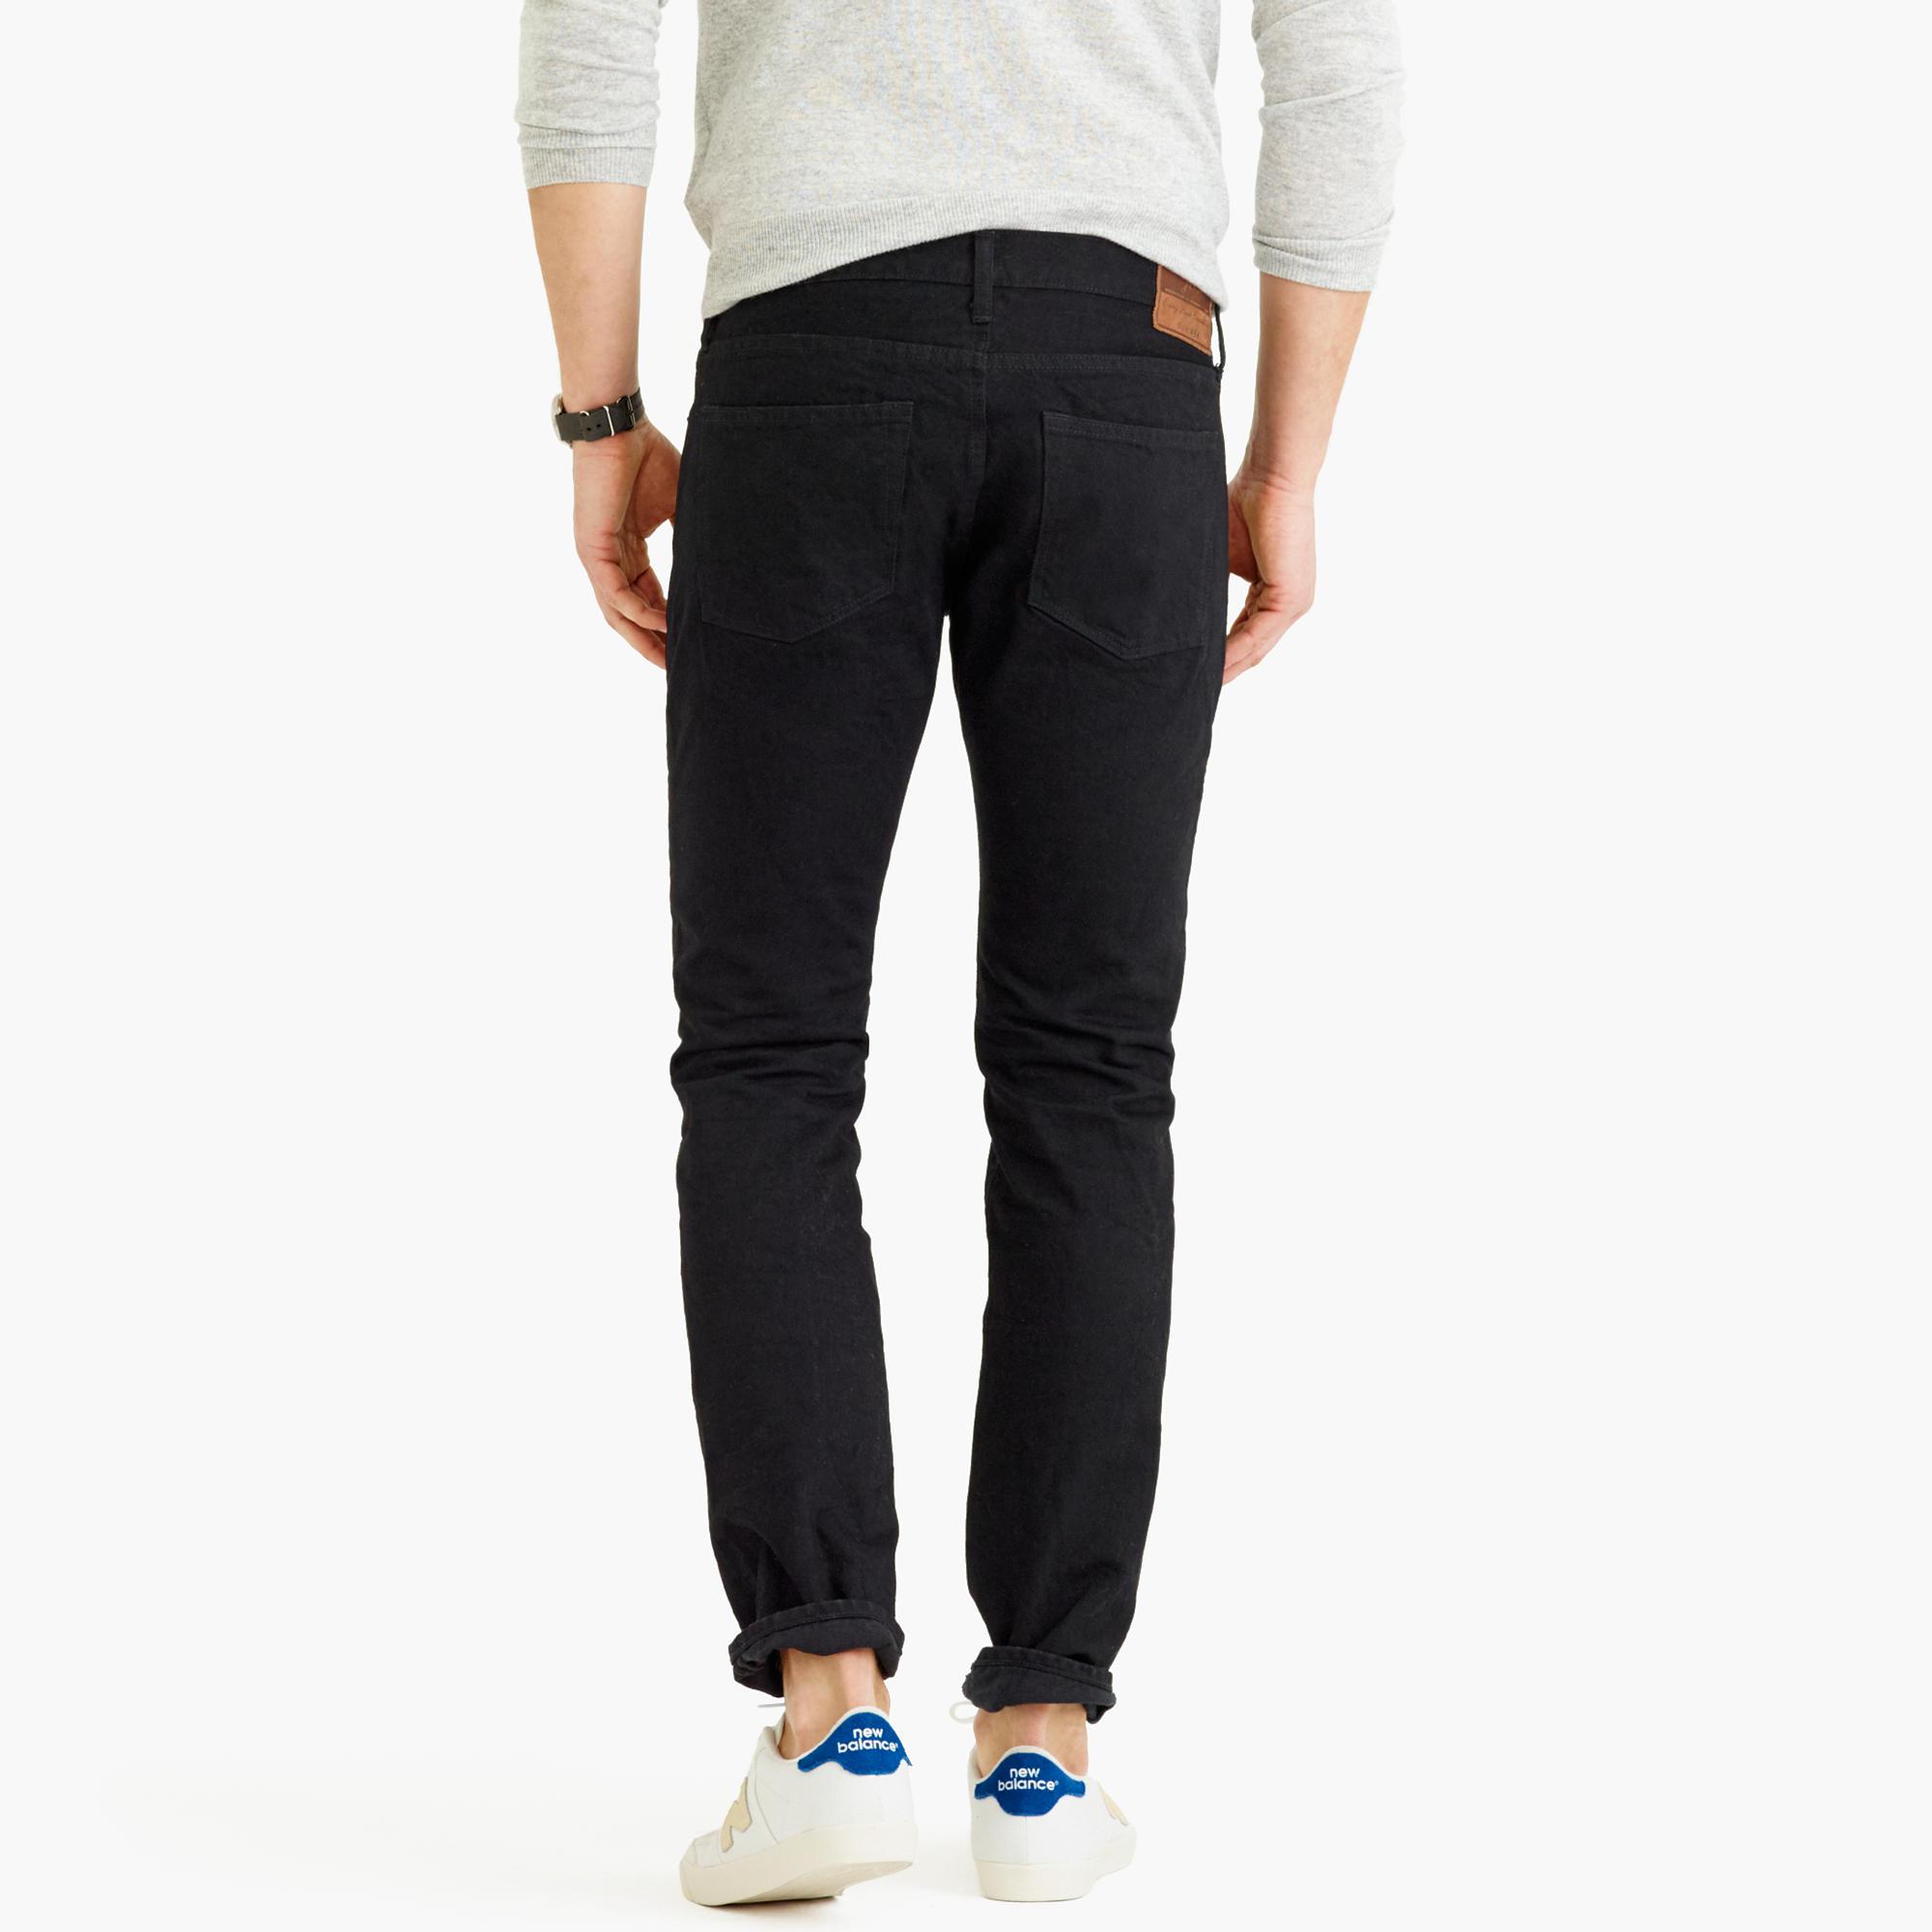 484 Jean In Barnet Black Wash : Men's Jeans | J.Crew